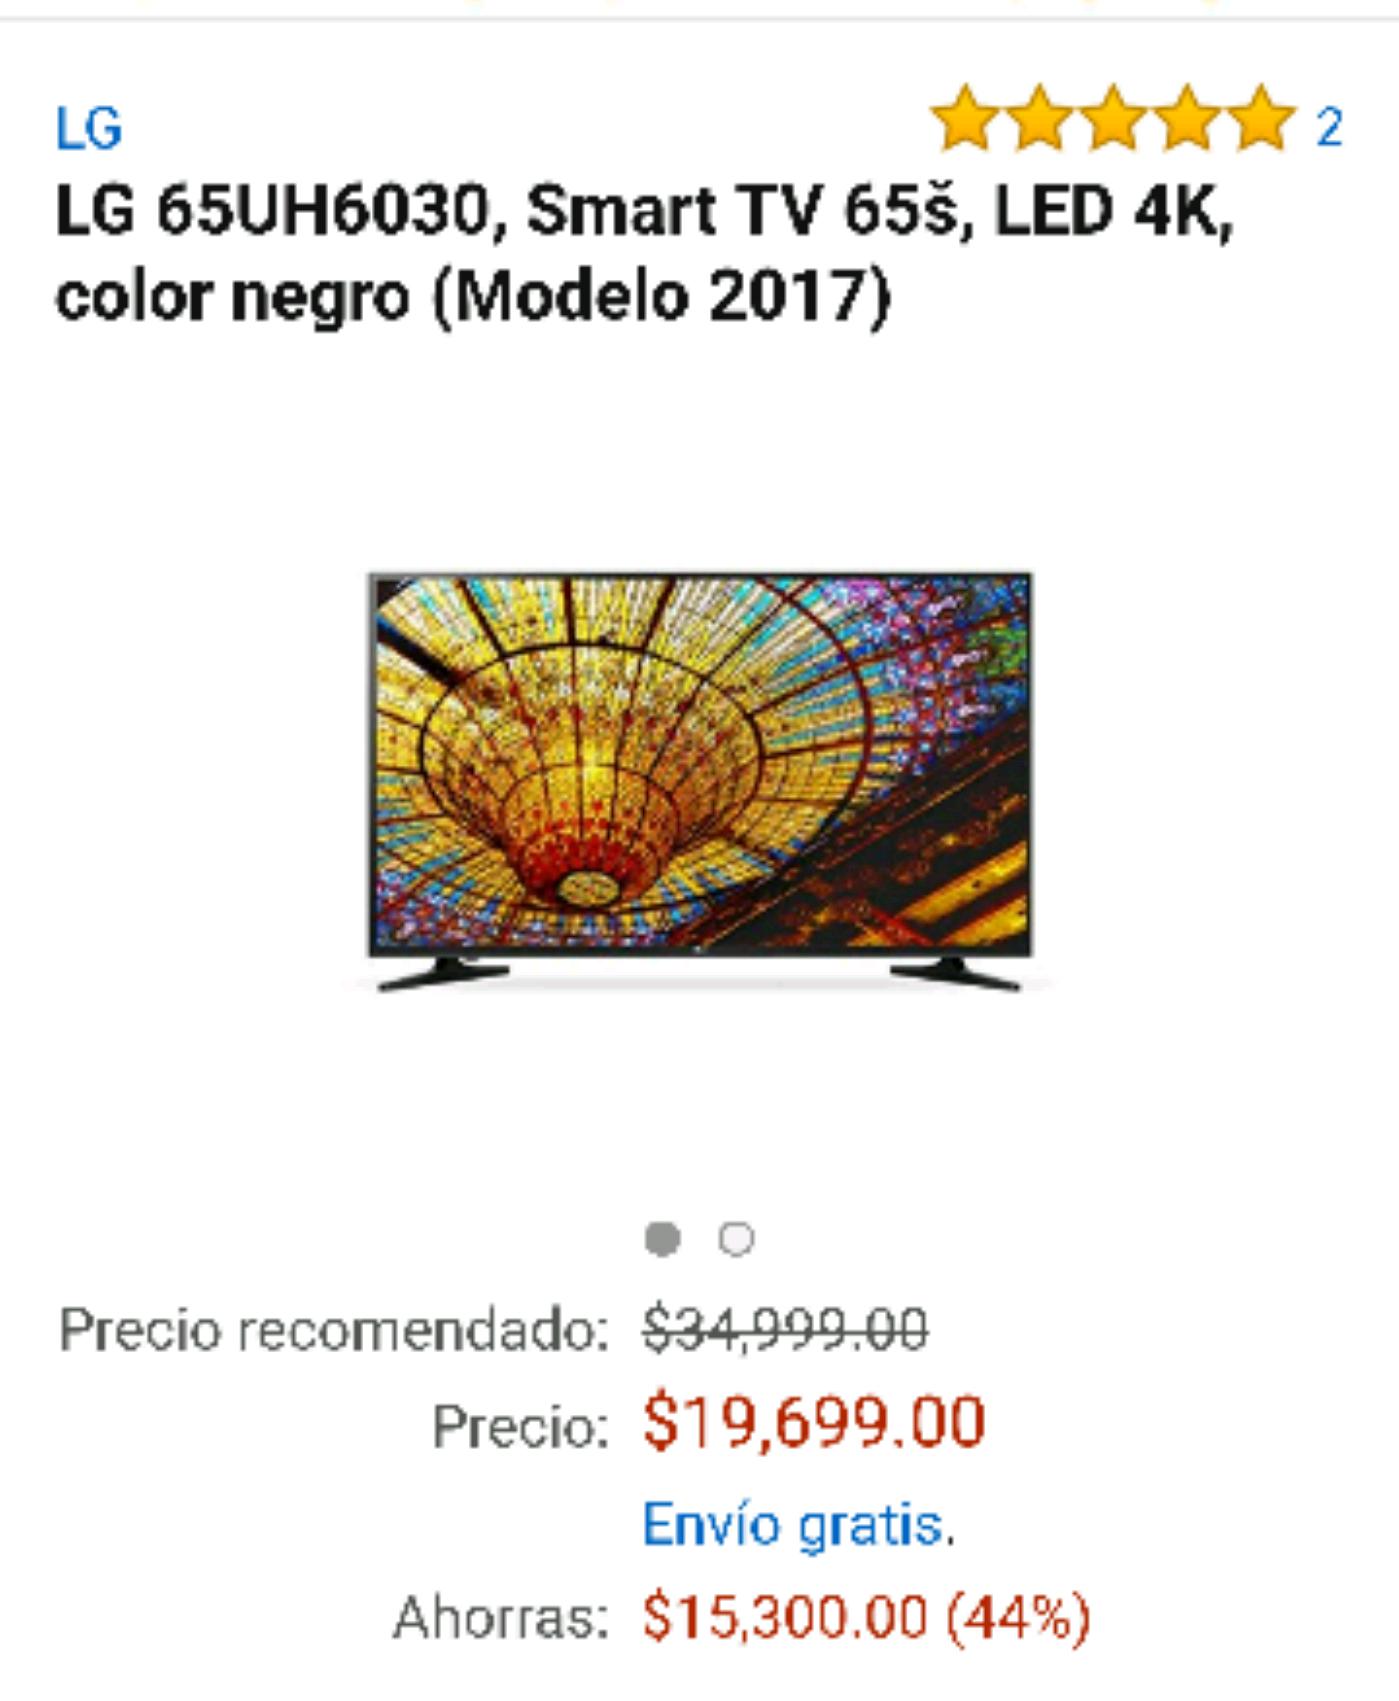 Buen Fin 2016 Amazon: LG 65UH6030, Smart TV 65š, LED 4K, color negro (Modelo 2017)